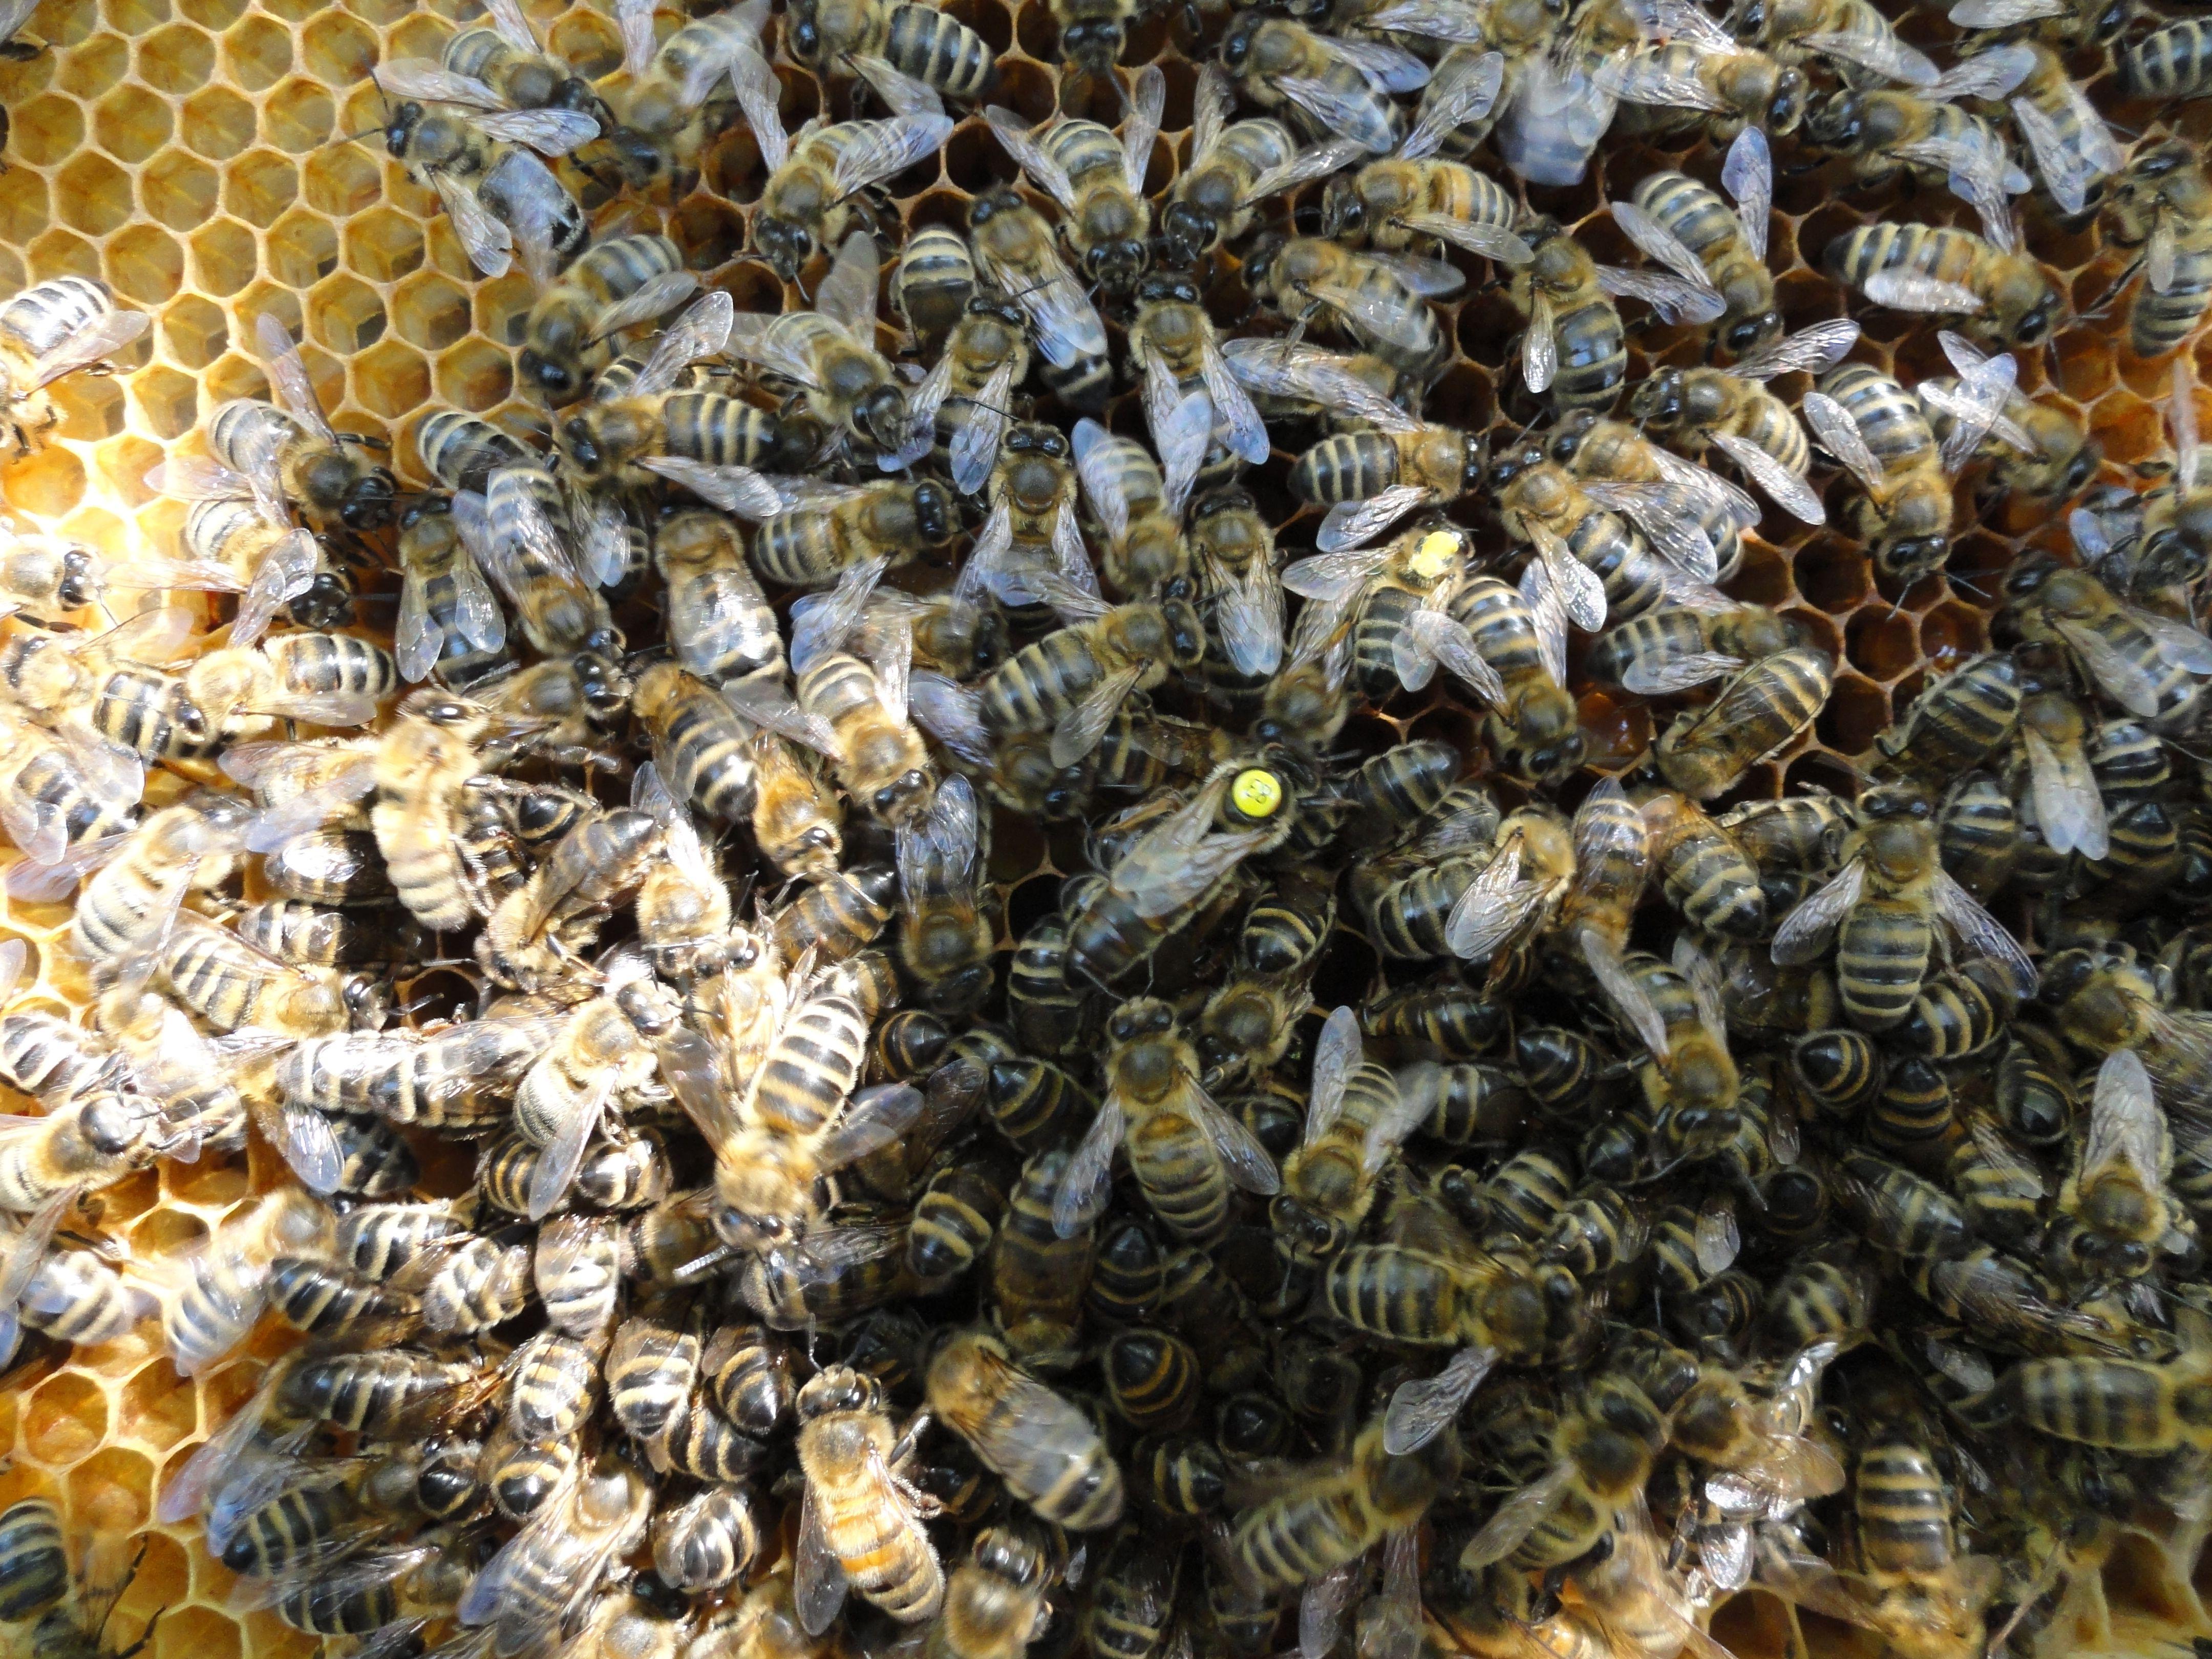 matka pszczela wśród pszczół.jpg